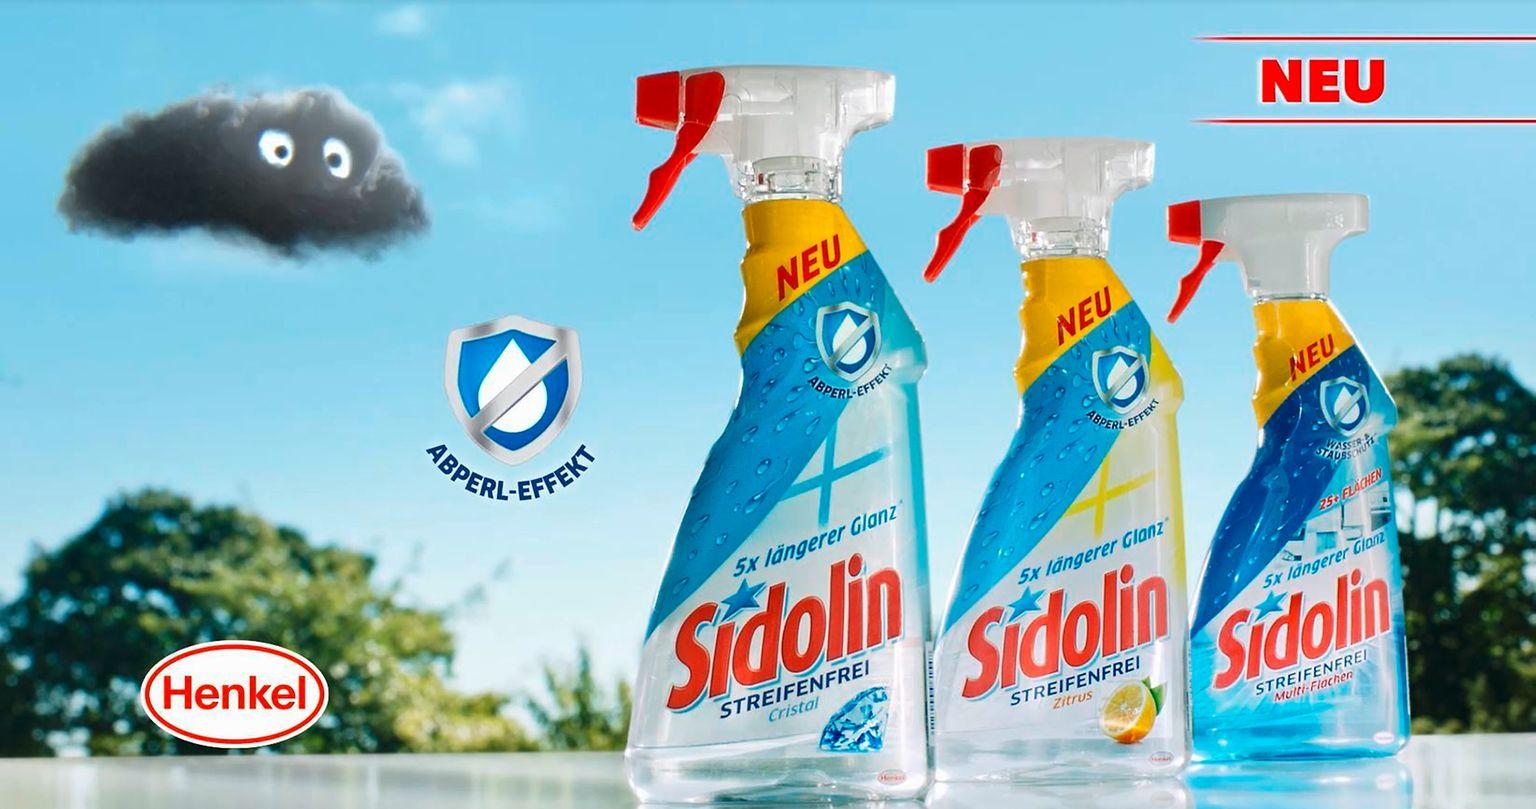 Neuer TV-Spot für Sidolin mit Abperl-Effekt